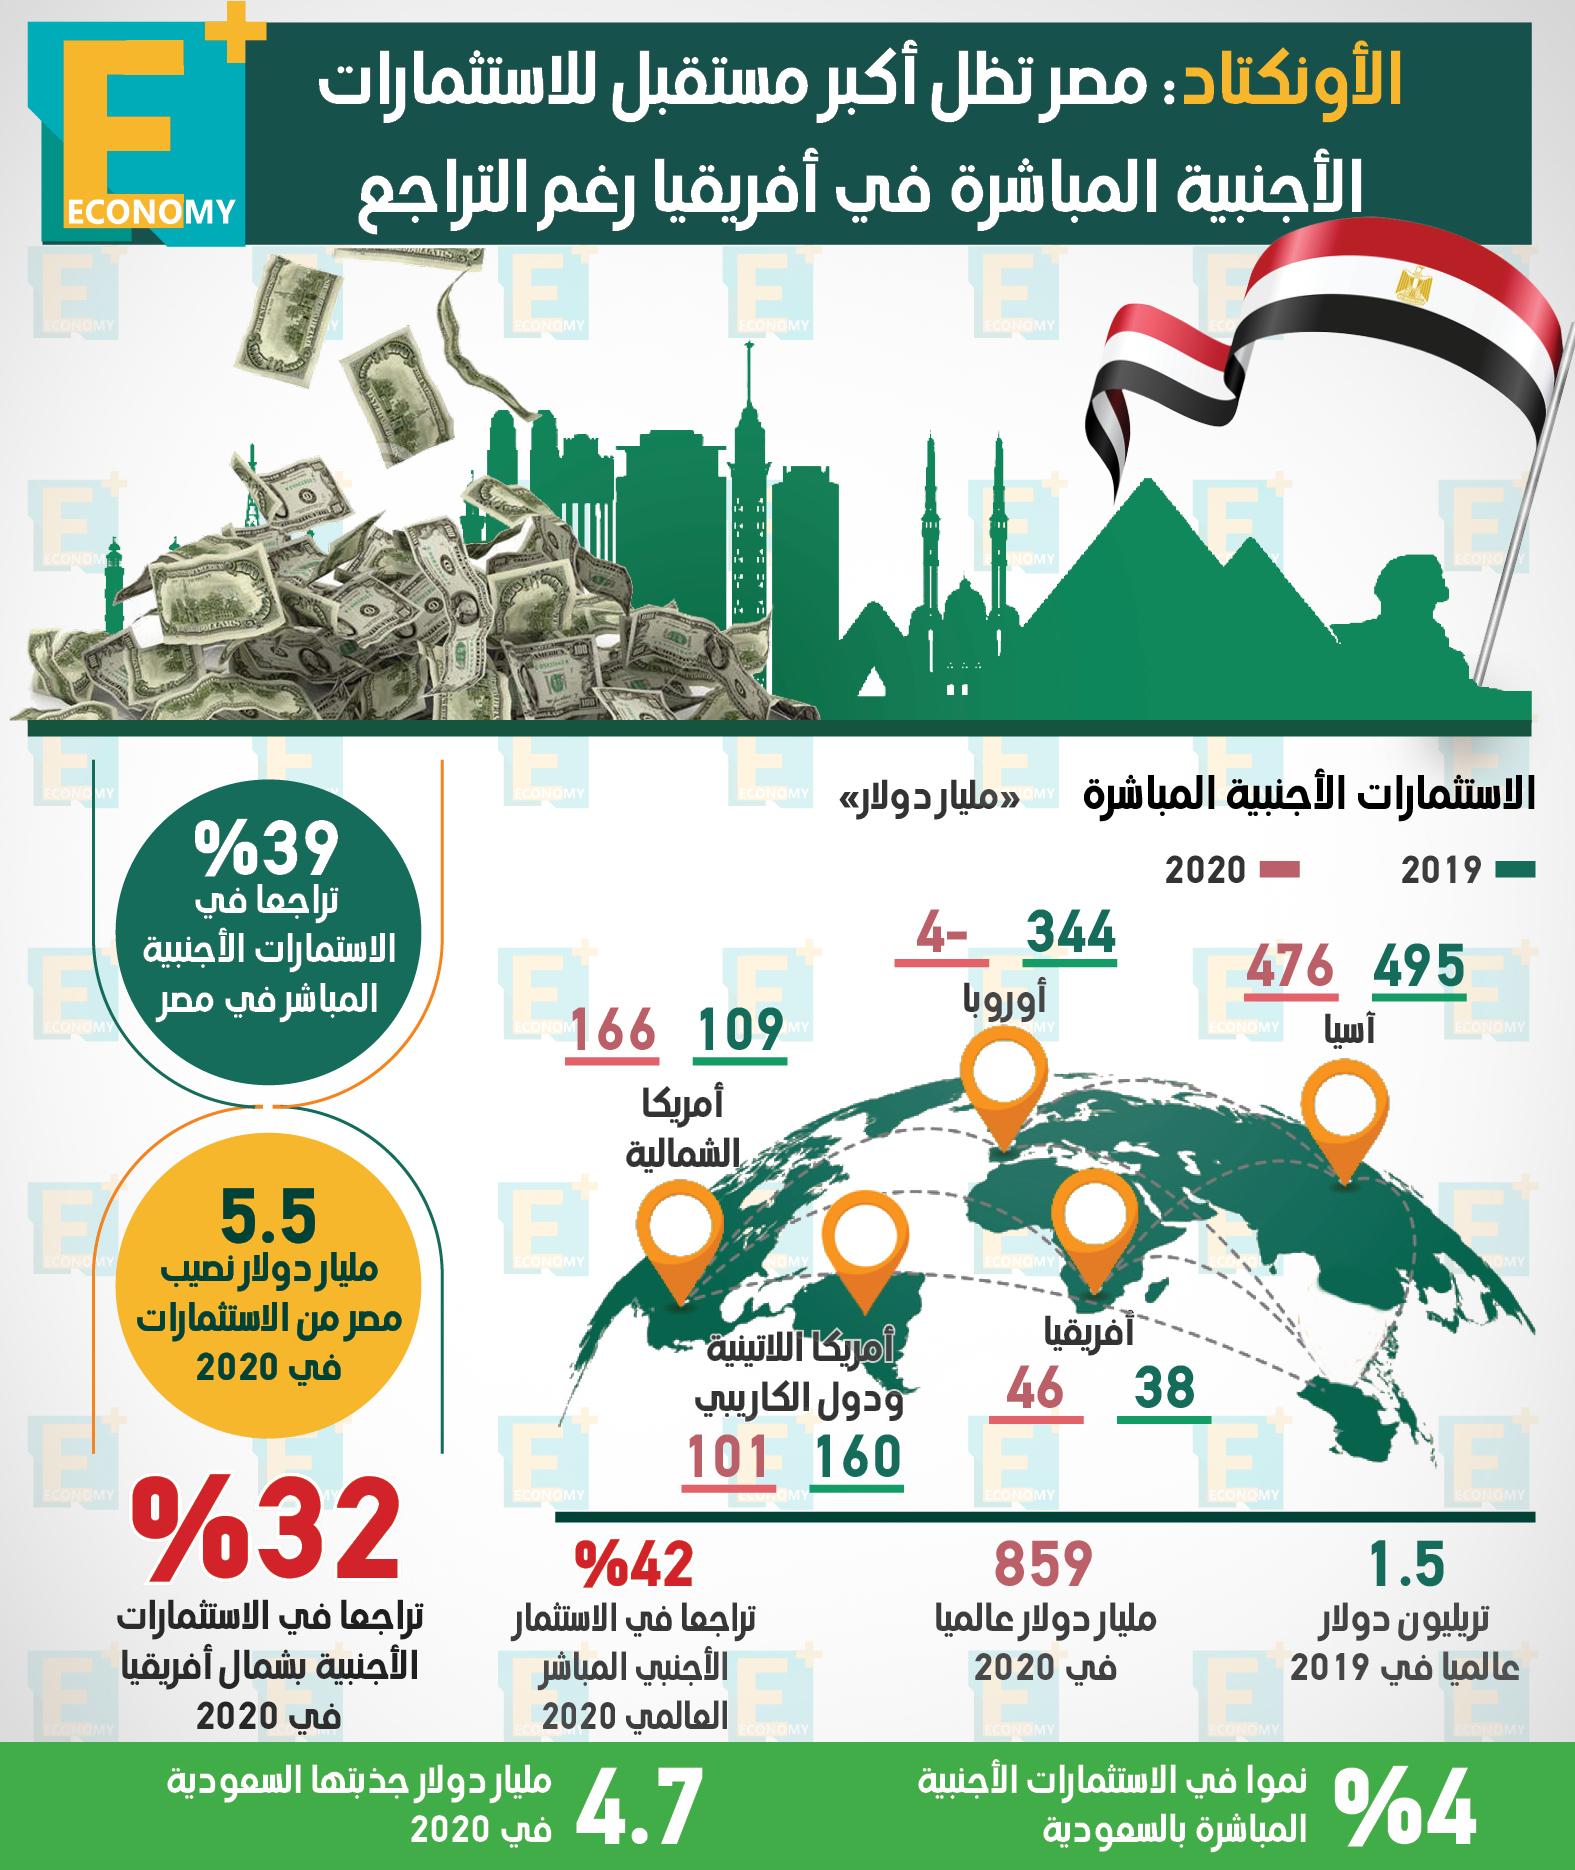 الأونكتاد: مصر تظل أكبر مستقبل للاستثمارات الأجنبية المباشرة في أفريقيا رغم التراجع